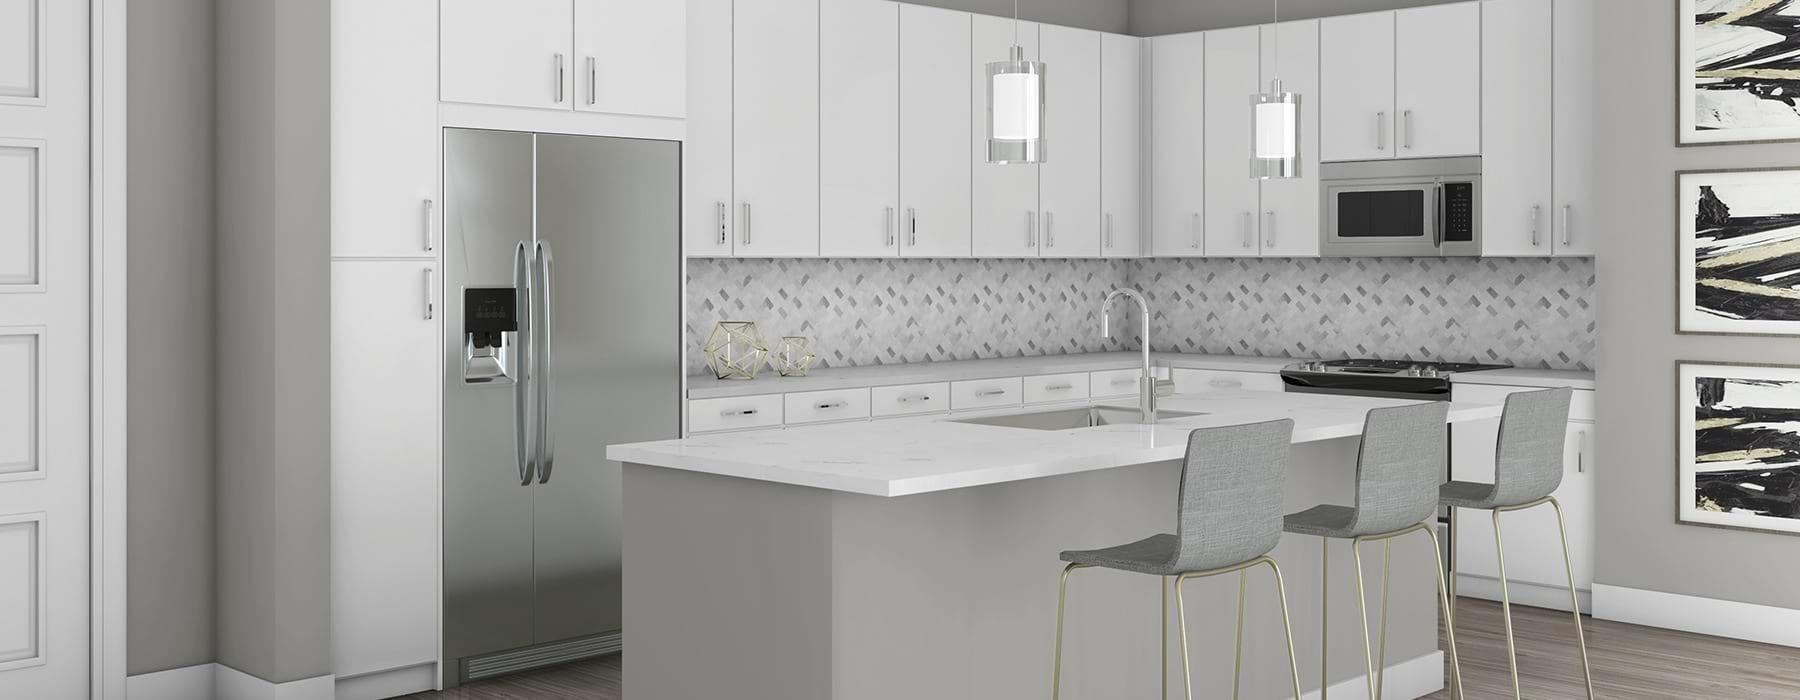 rendering of White Kitchen Scheme